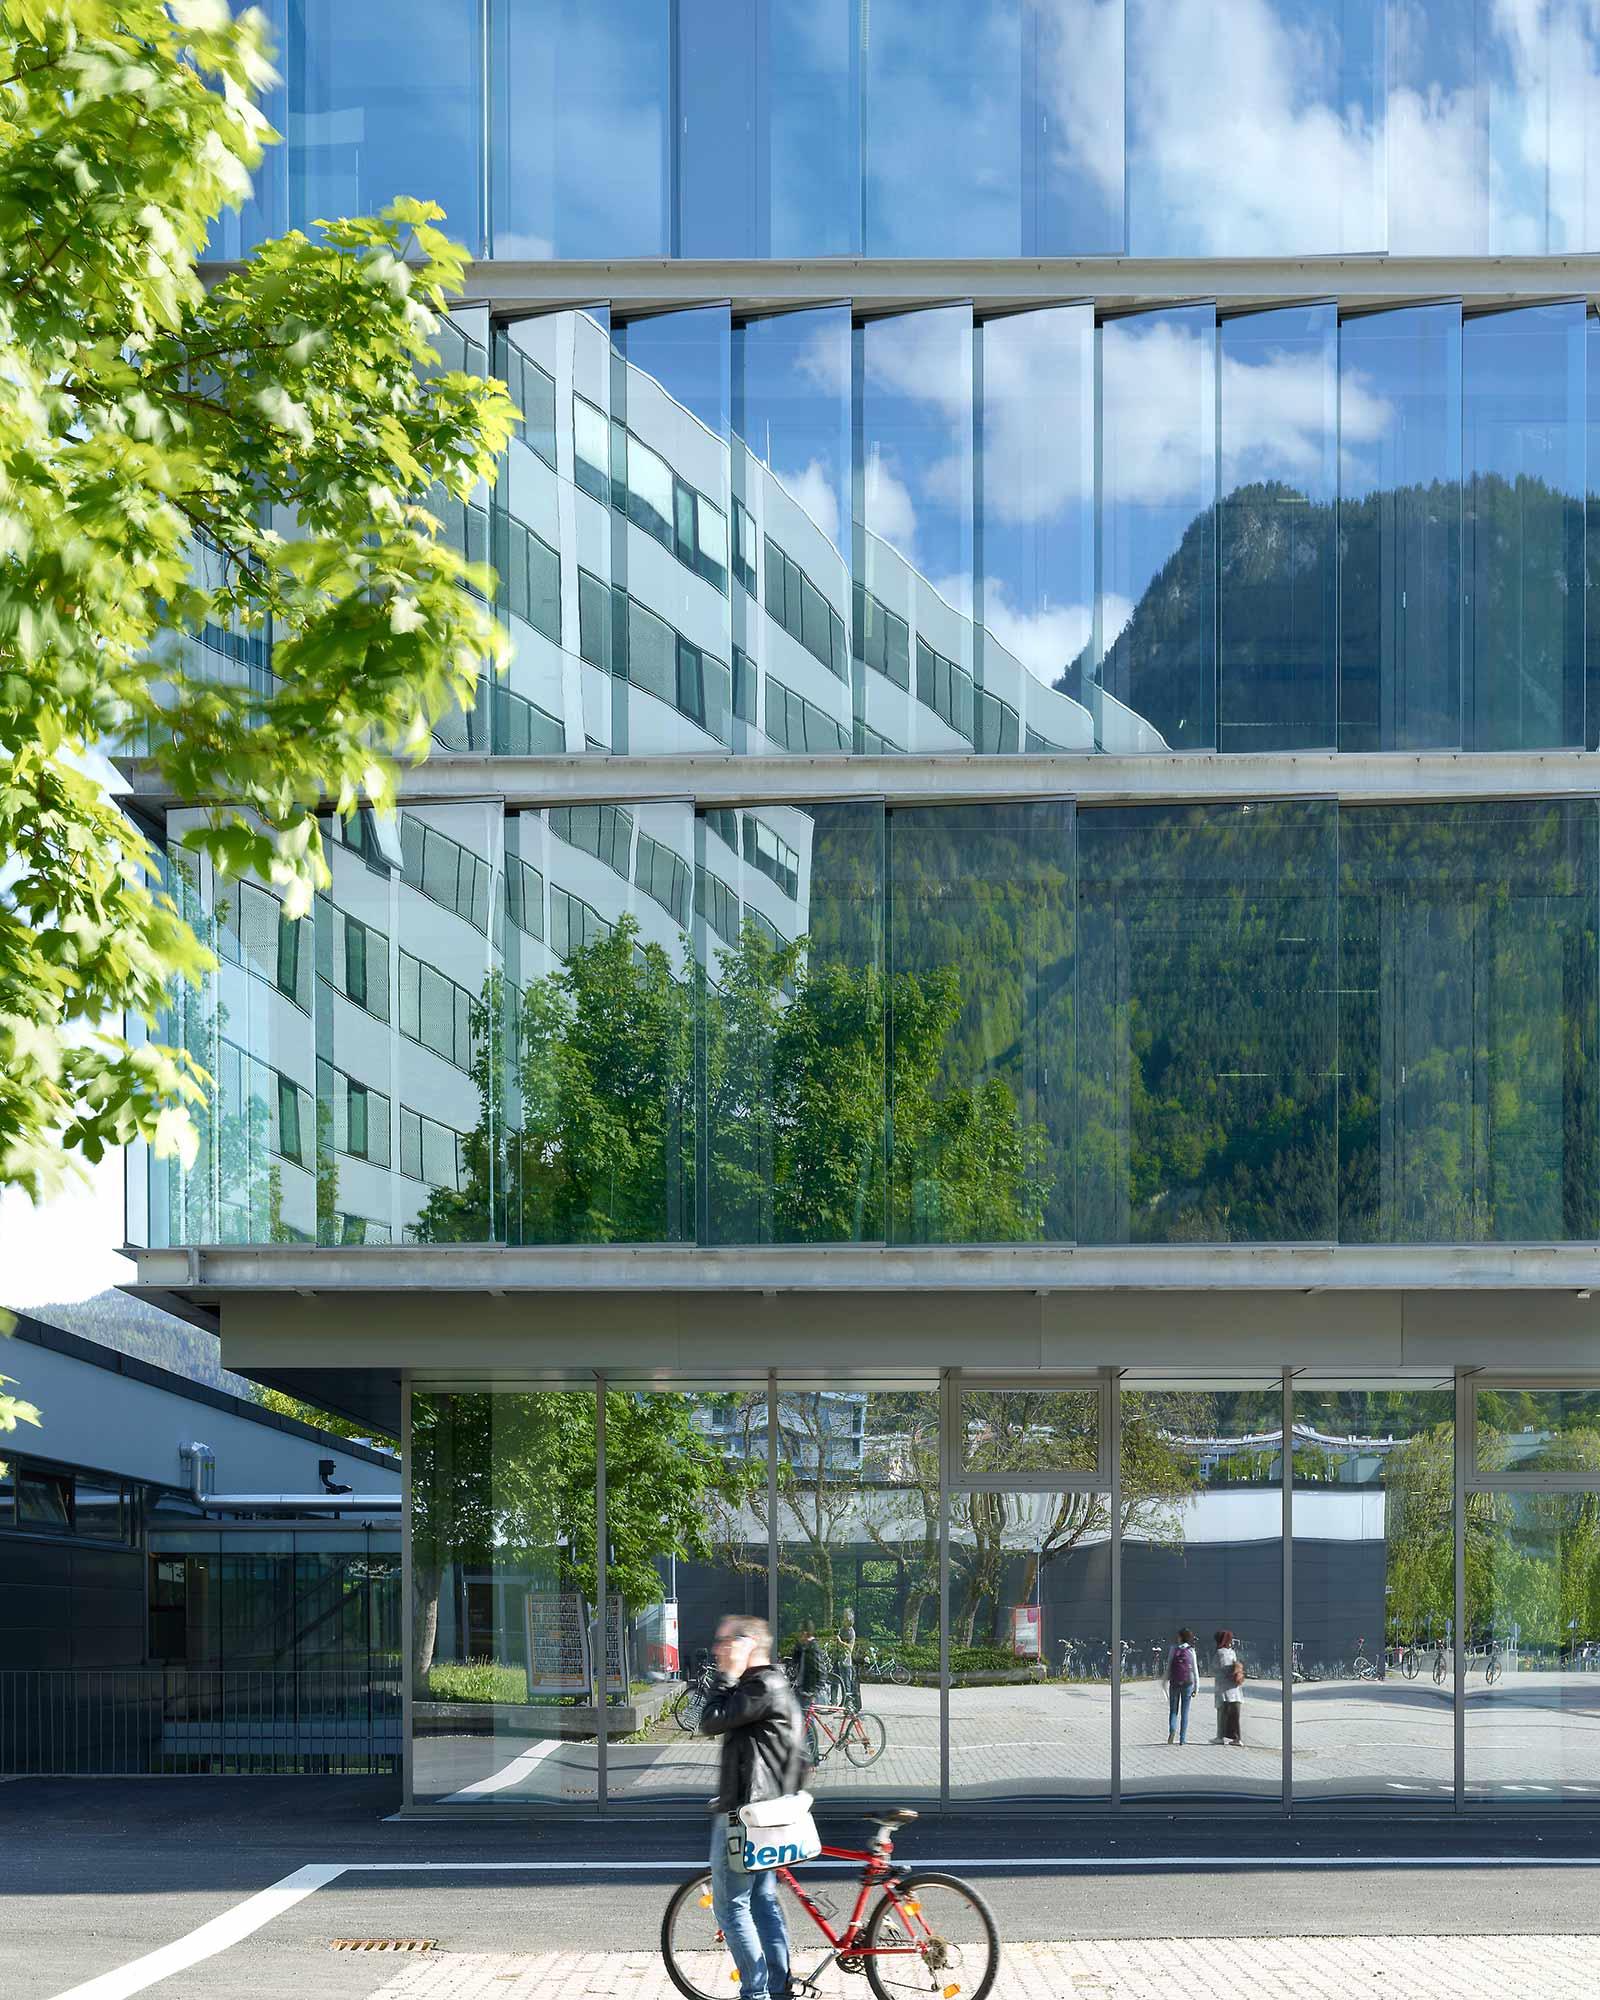 Wie gläserne Schuppen reihen sich an der Fassade der Architekturfakultät natürlich belüftete Glaselemente aneinander. Die Fakultät der Technischen Wissenschaften spiegelt sich darin. Foto: ATP/Jantscher